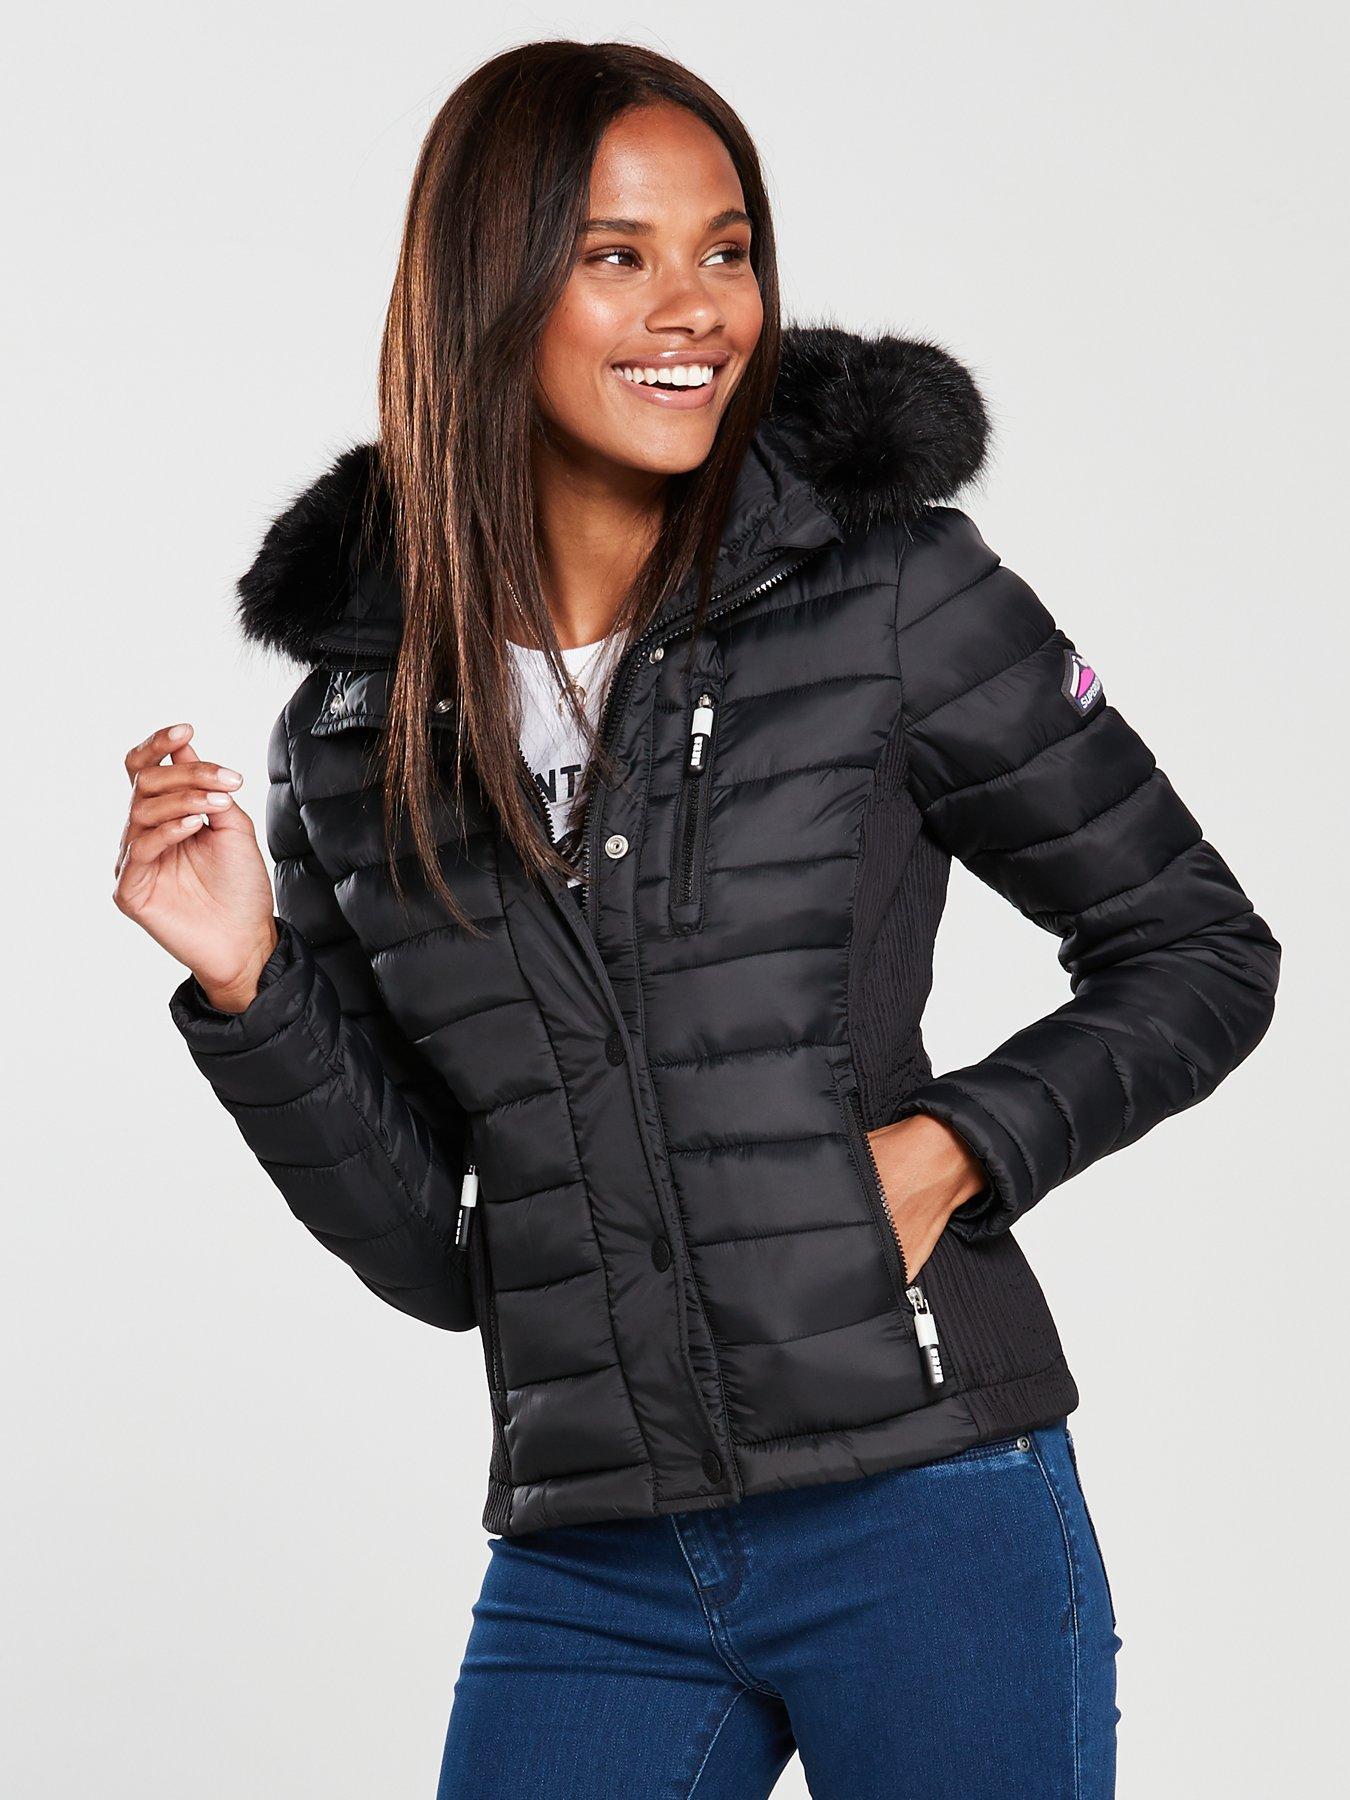 Jackets Very uk co Womens Coats Superdry nBxHB6E8